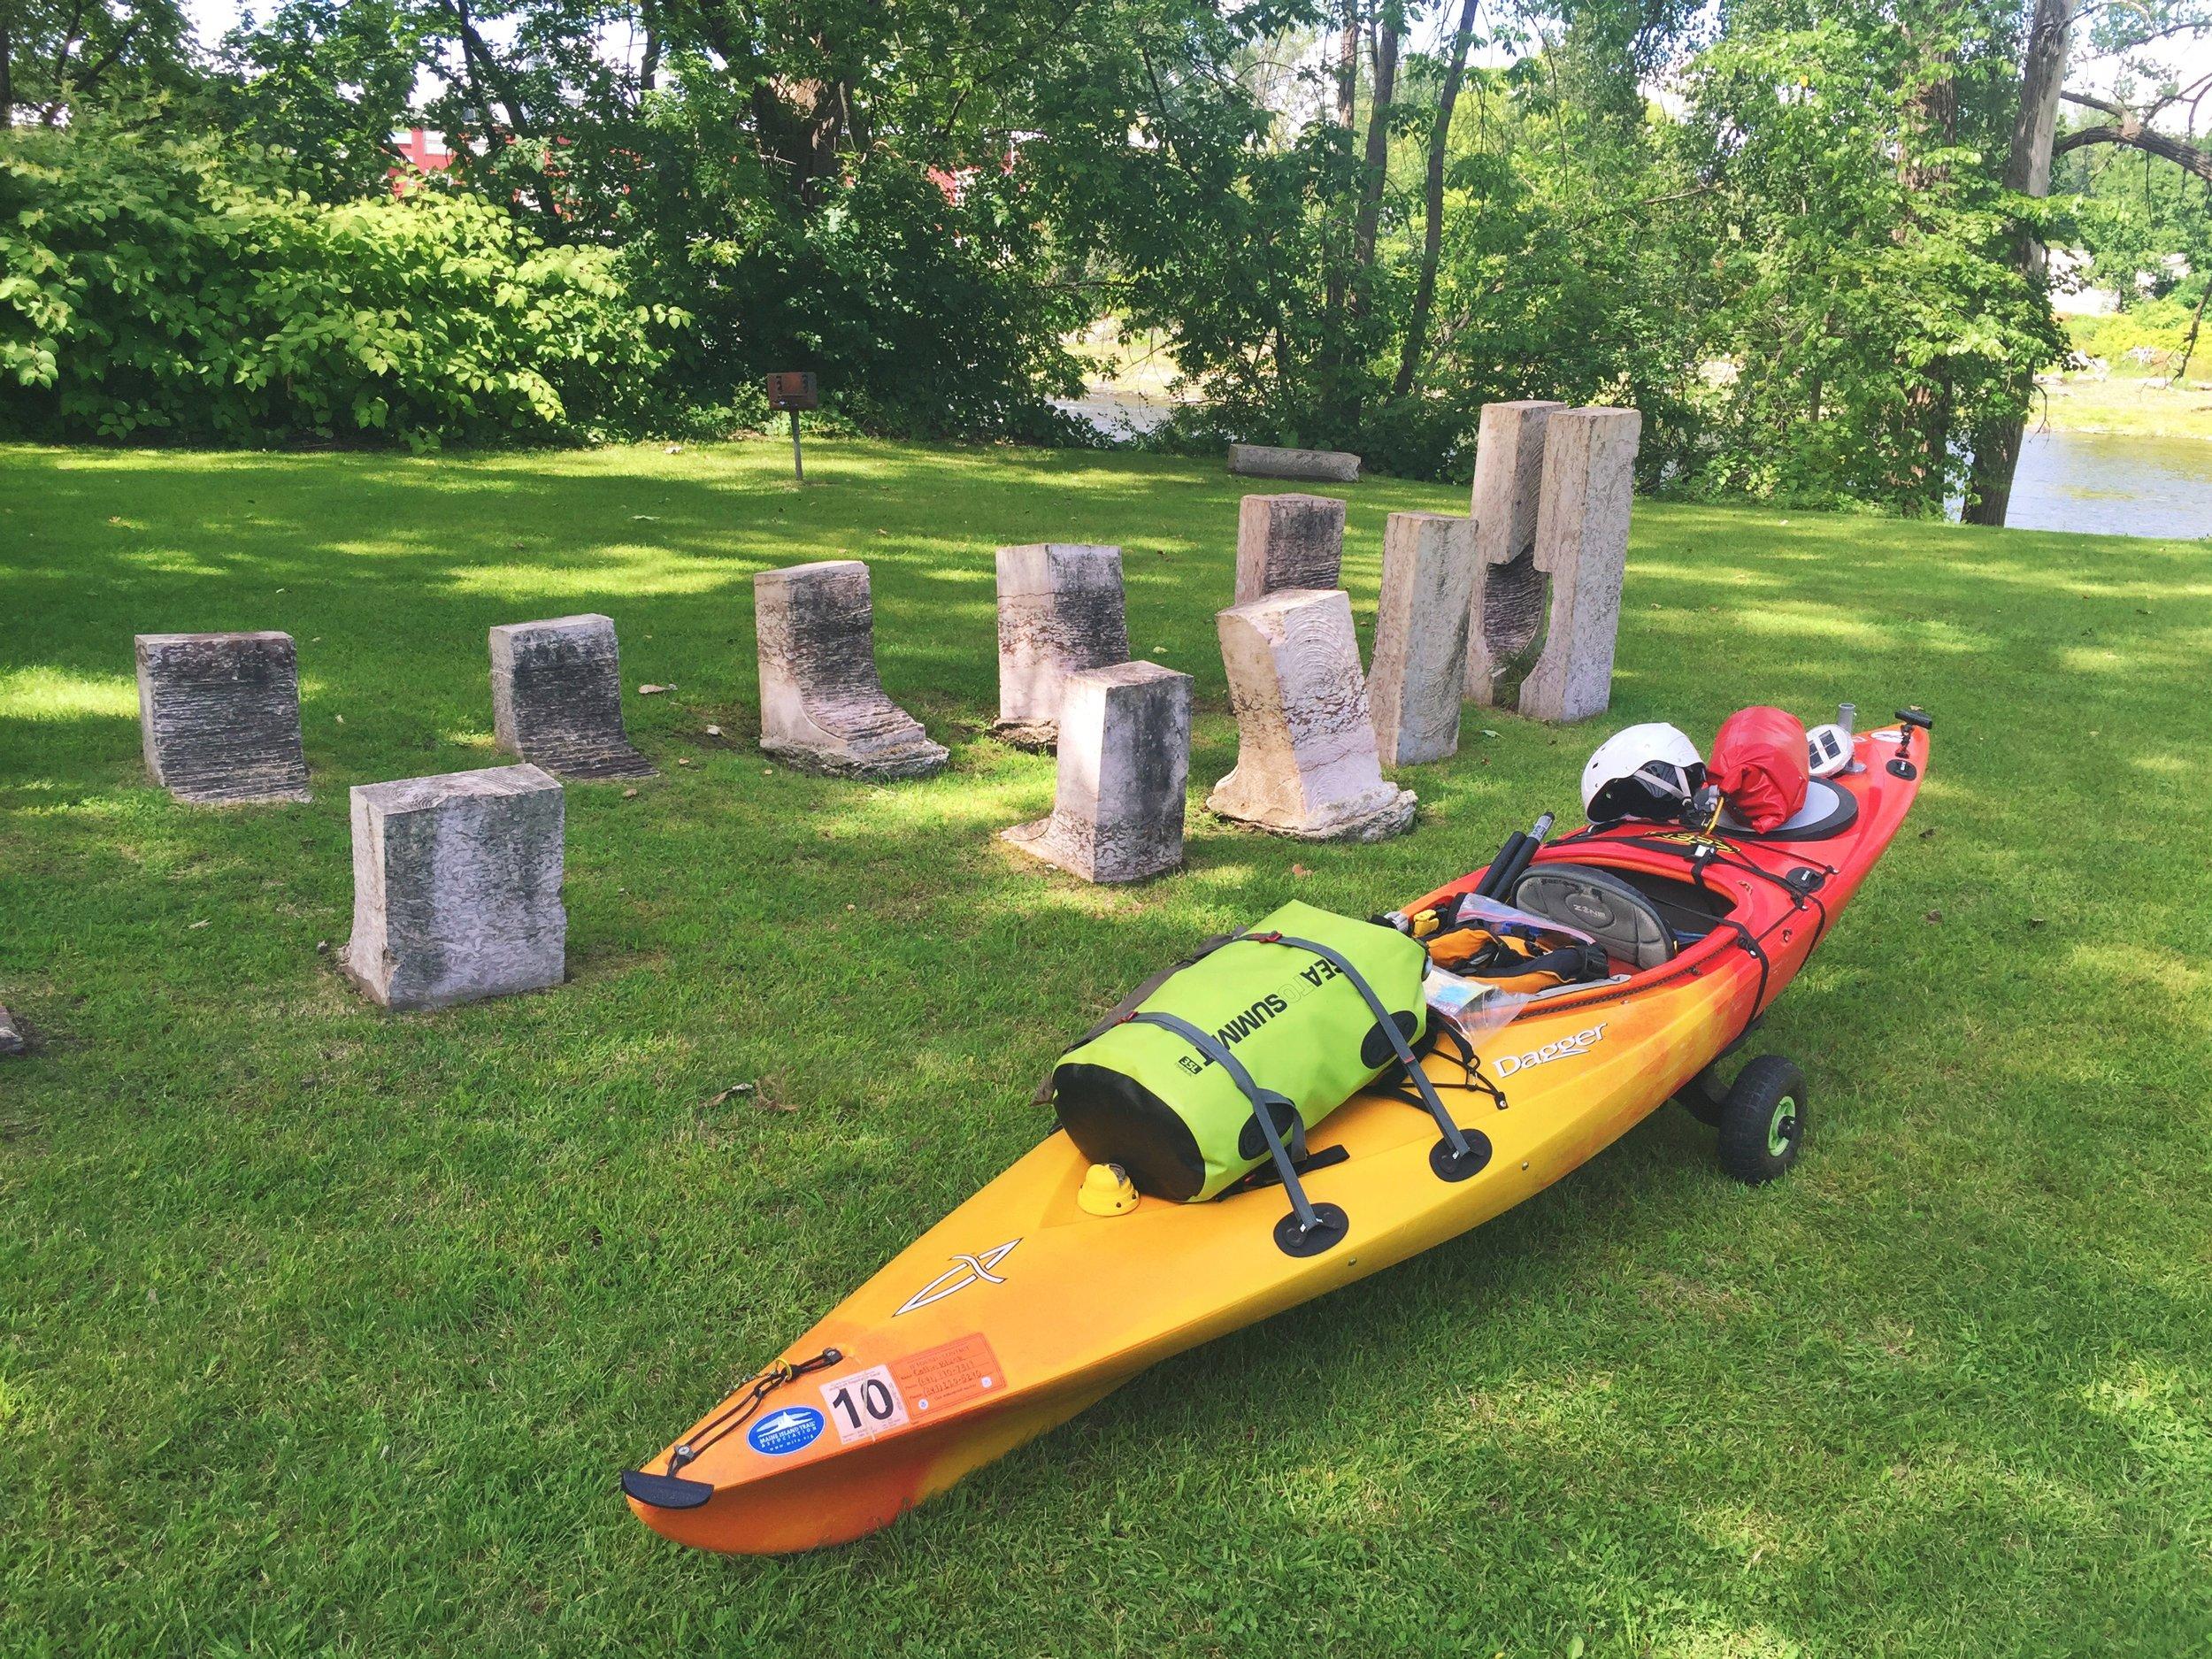 A stone monument to Abenaki Indian heritage in Swanton, VT